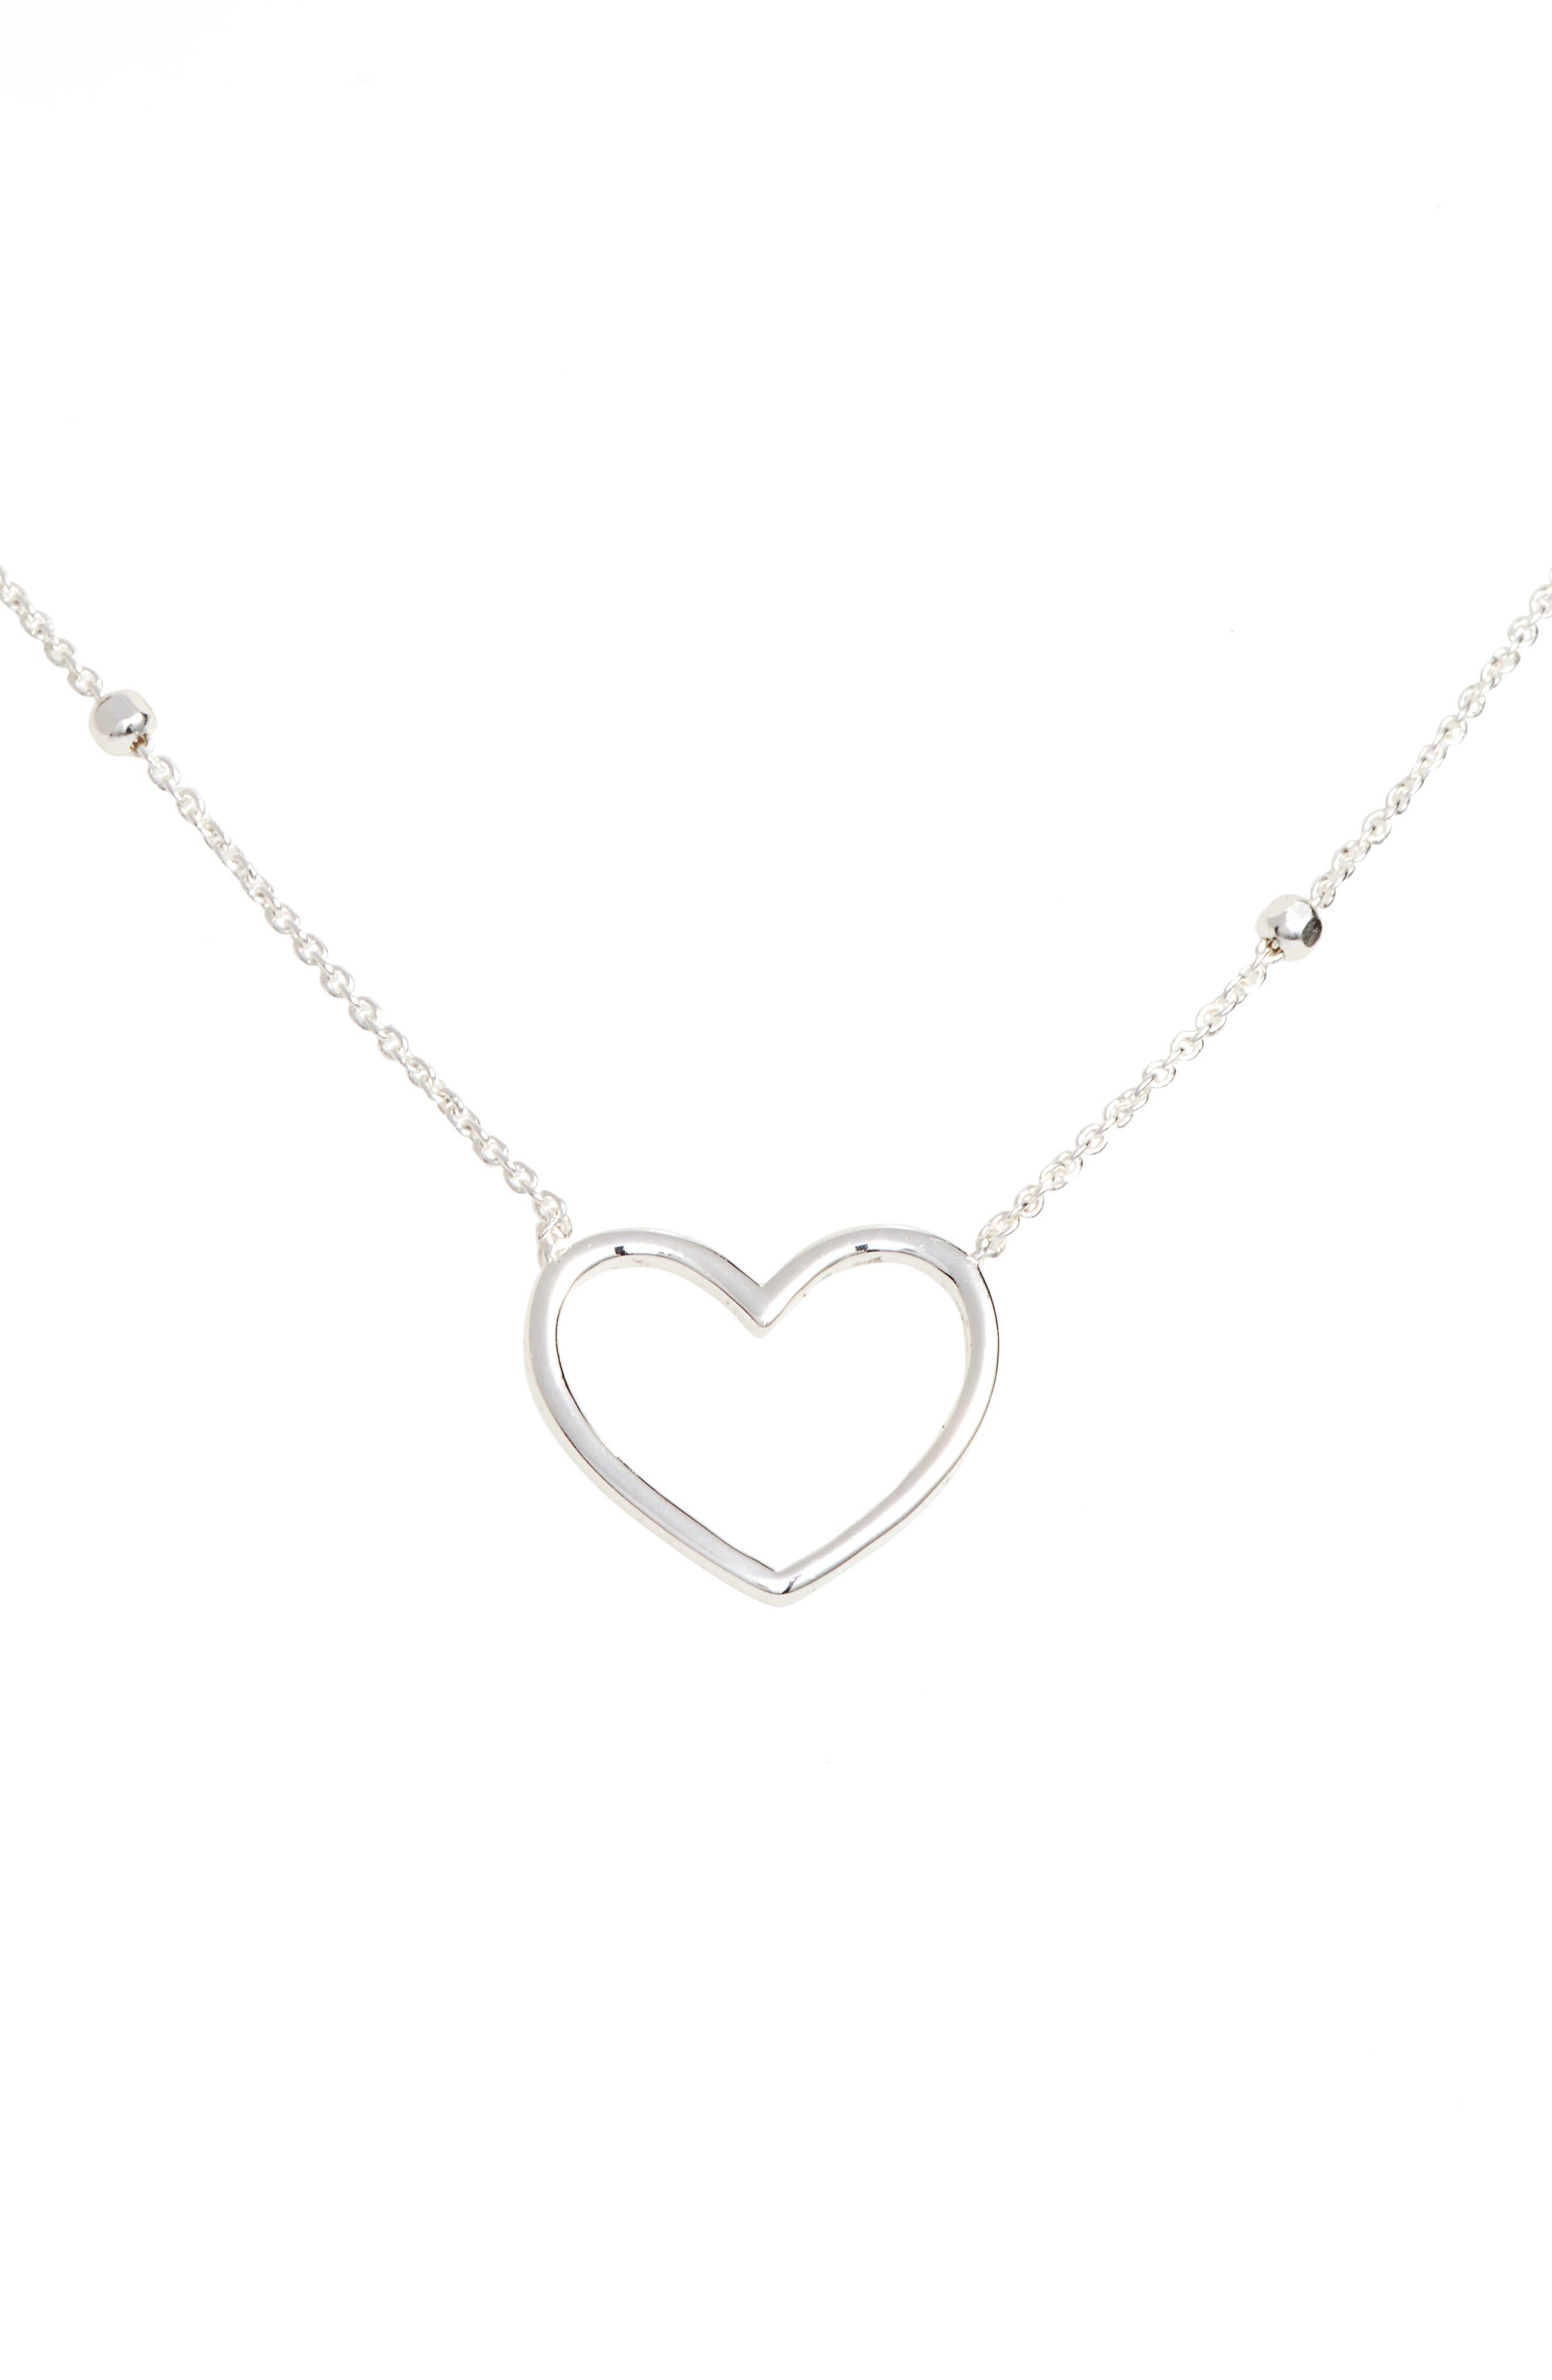 Heart Pendant Necklace,                             Main thumbnail 1, color,